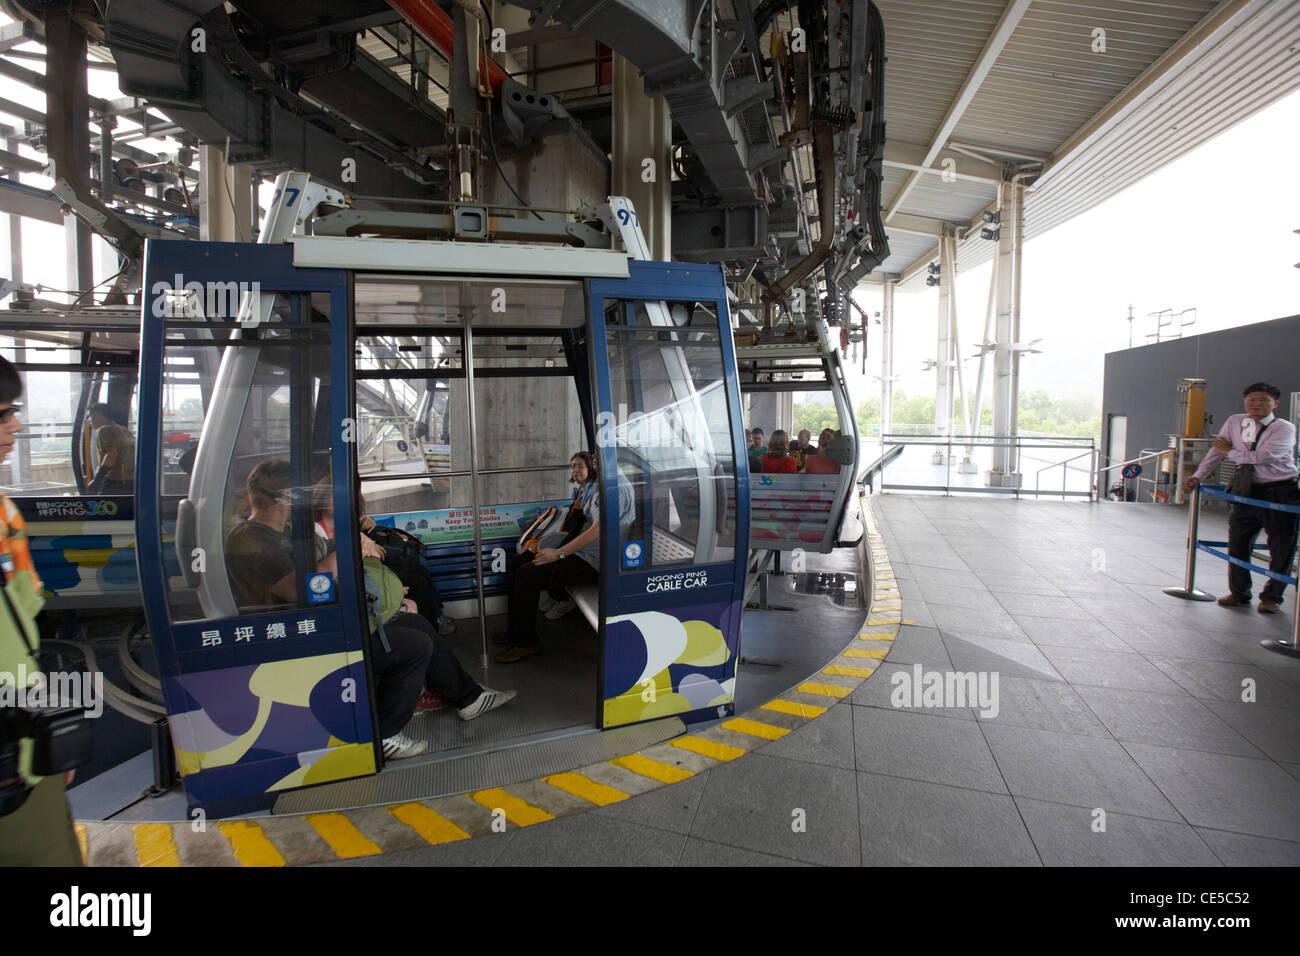 ngong ping 360 cable car tung chung lantau island hong kong hksar china asia - Stock Image